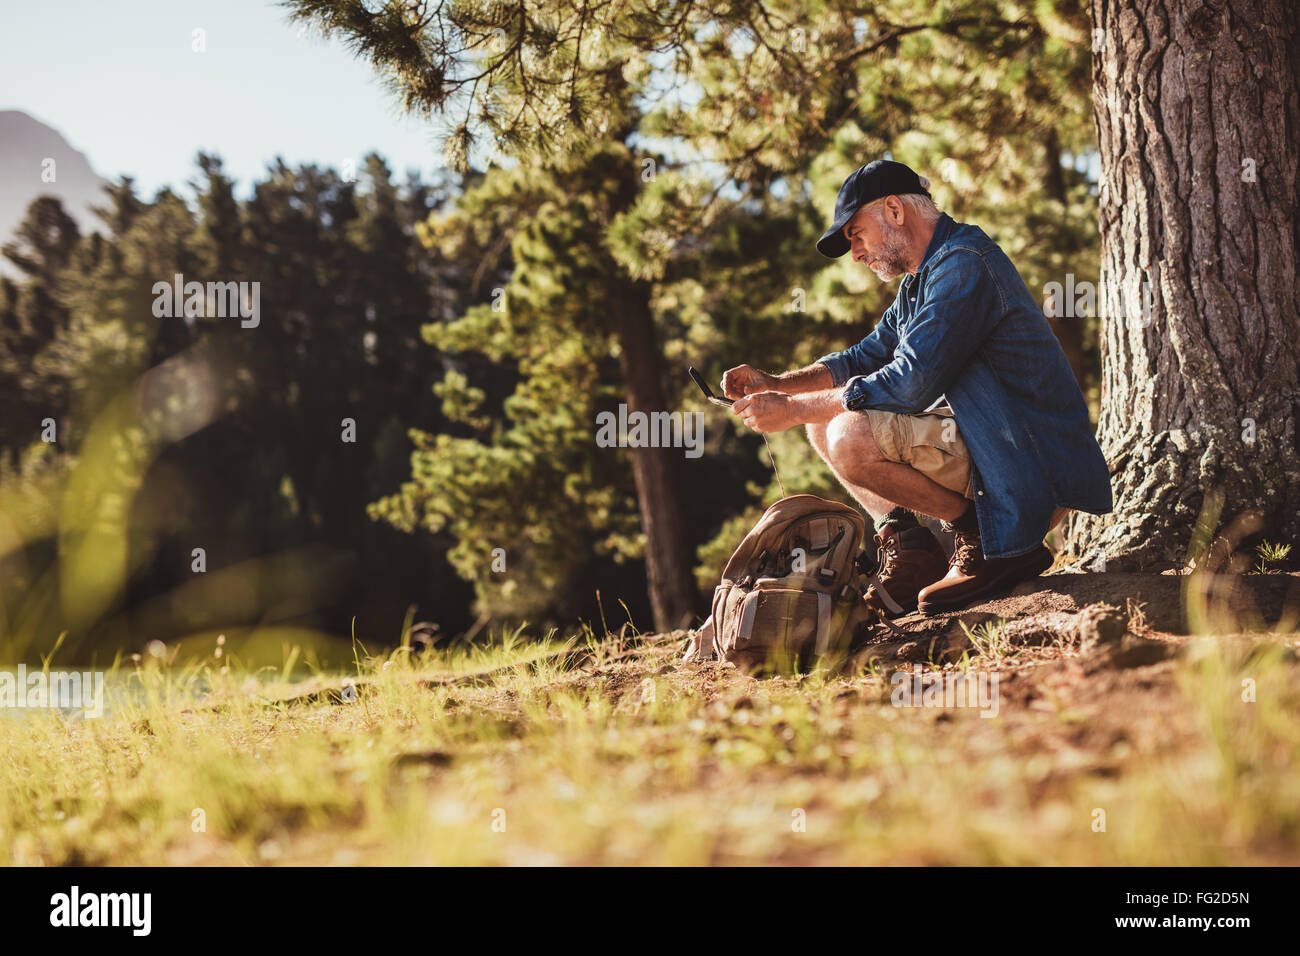 Retrato de altos excursionista comprobando su brújula. Hombre maduro, sentado en un árbol de búsqueda Imagen De Stock